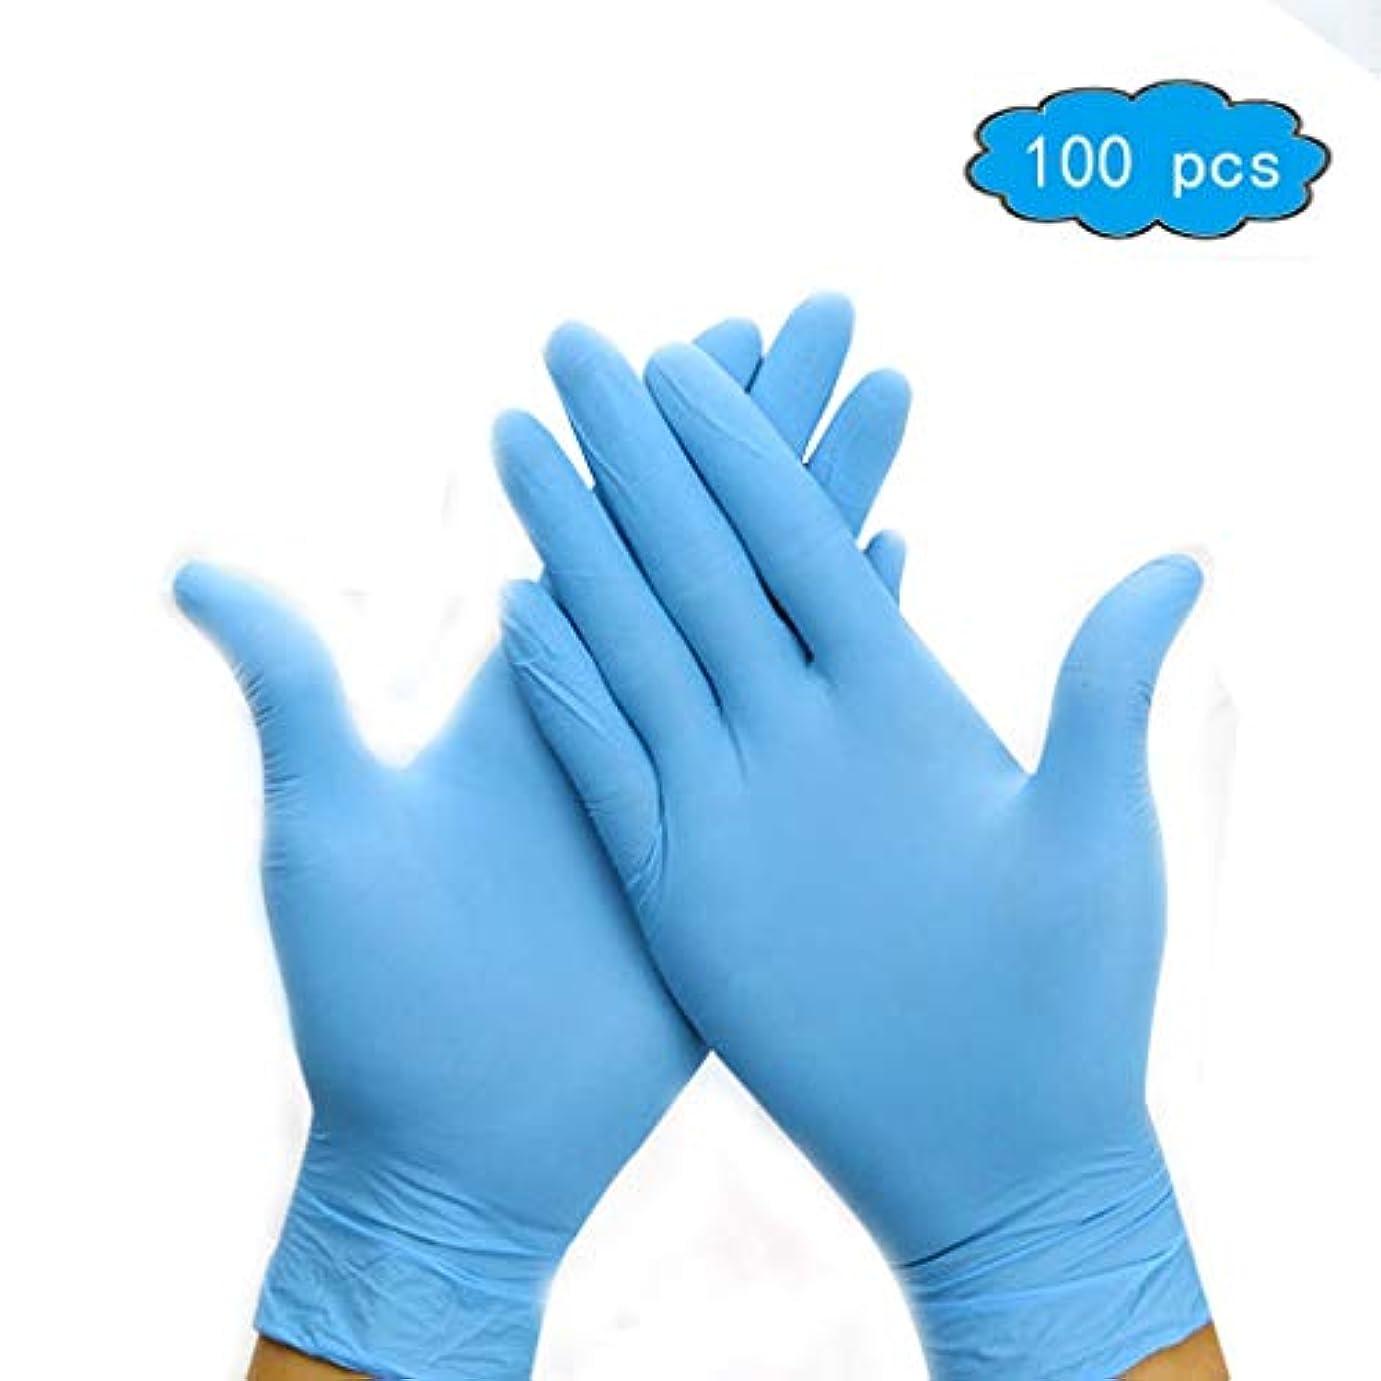 会社ハンカチ気味の悪い使い捨てニトリル手袋 - パウダーフリー、ラテックスフリー、メディカル試験グレード、無菌、Ambidextrous - テクスチャード加工のソフト - クールブルー(中、1パック、100カウント)、手?腕の保護 (Color...